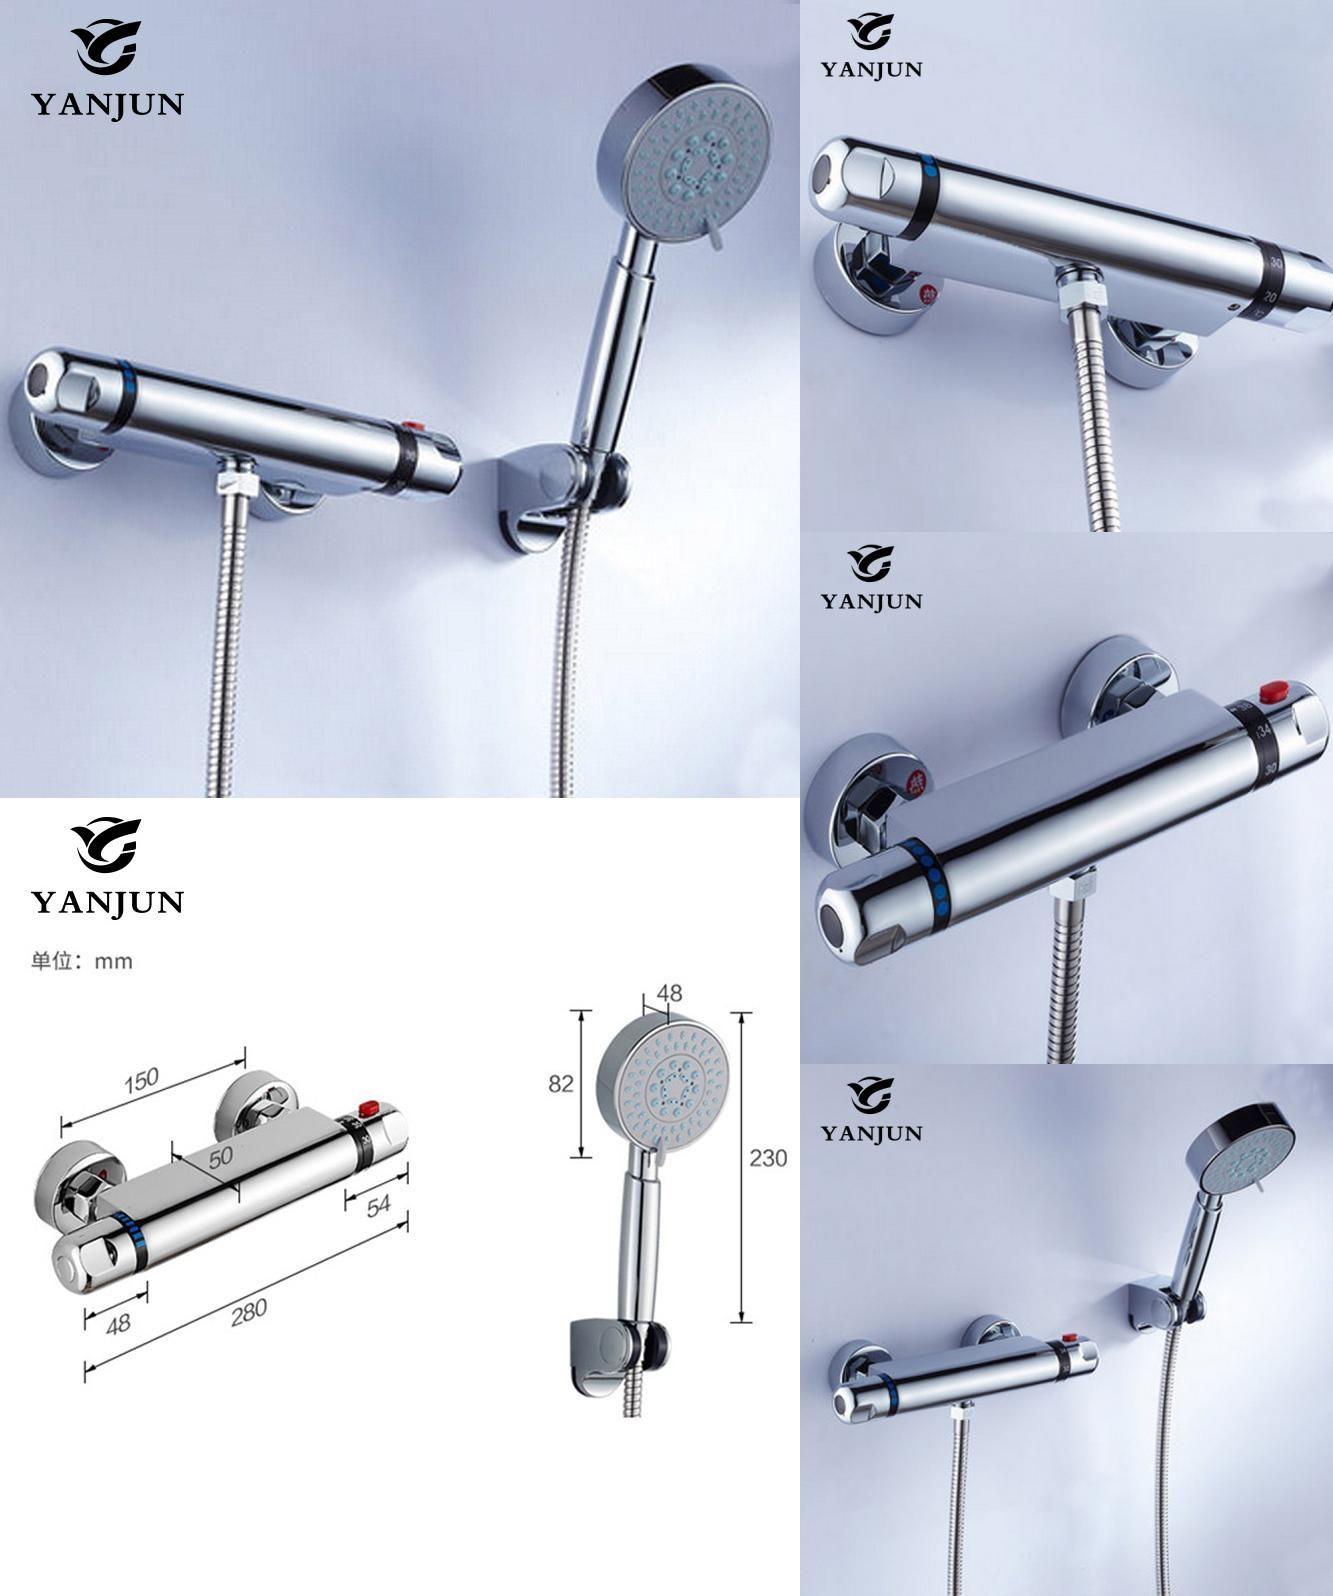 visit to buy yanjun shower faucet sets modern thermostatic visit to buy yanjun shower faucet sets modern thermostatic bathroom bath shower mixer tap